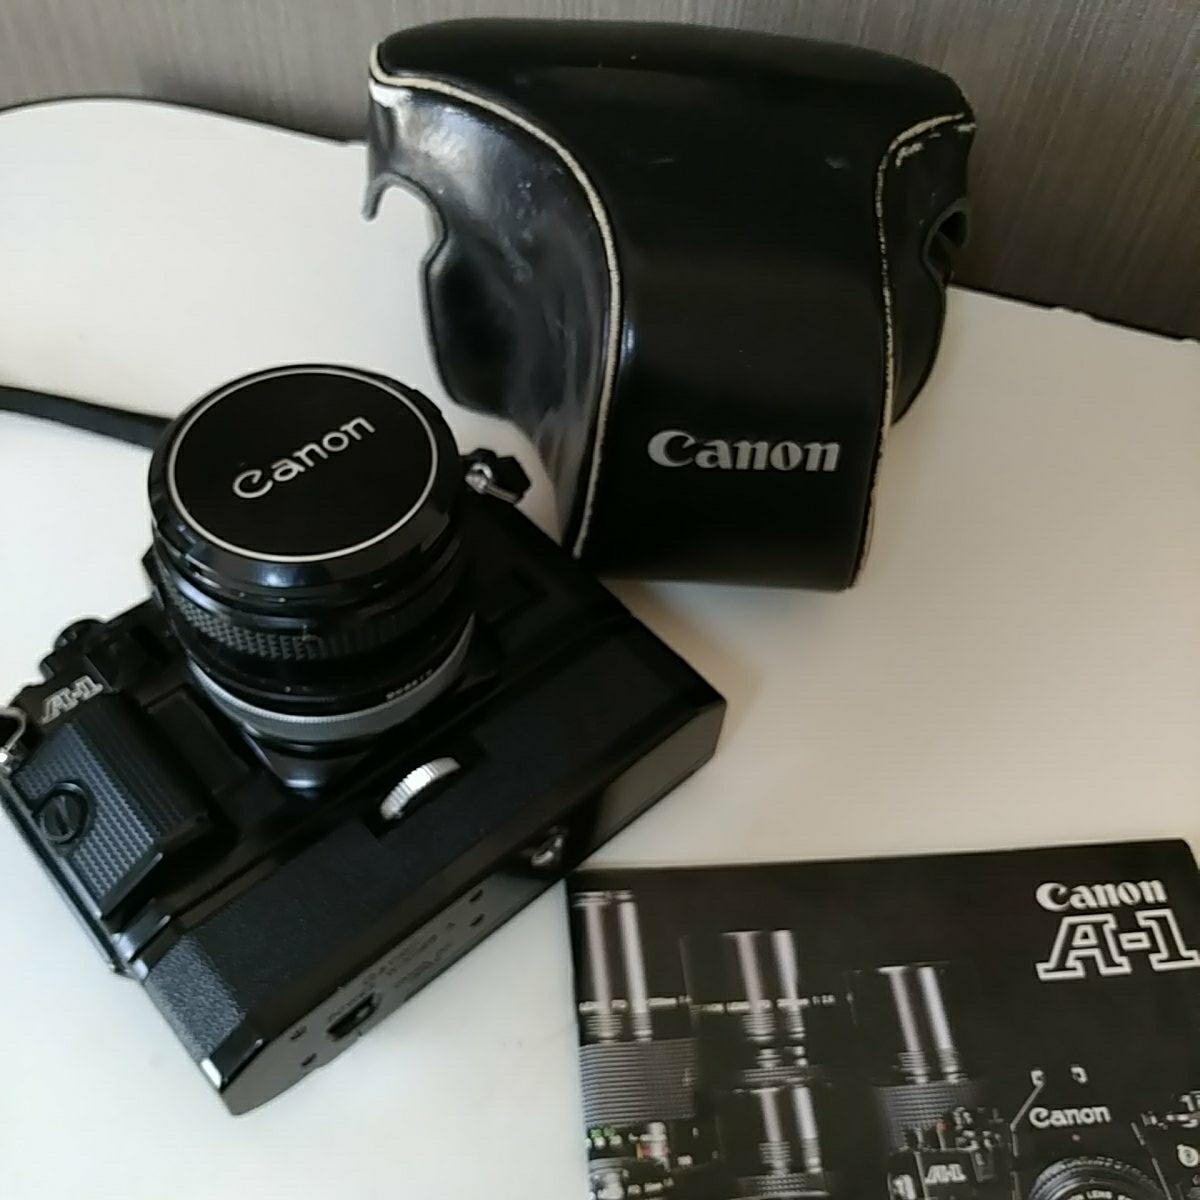 Canon A-1 パワーワインダー A 50㎜ 1:1.8 名機 一眼レフ/フィルムカメラ 使用説明書つき キャノン ブラック レンズセット 昭和レトロ_画像10